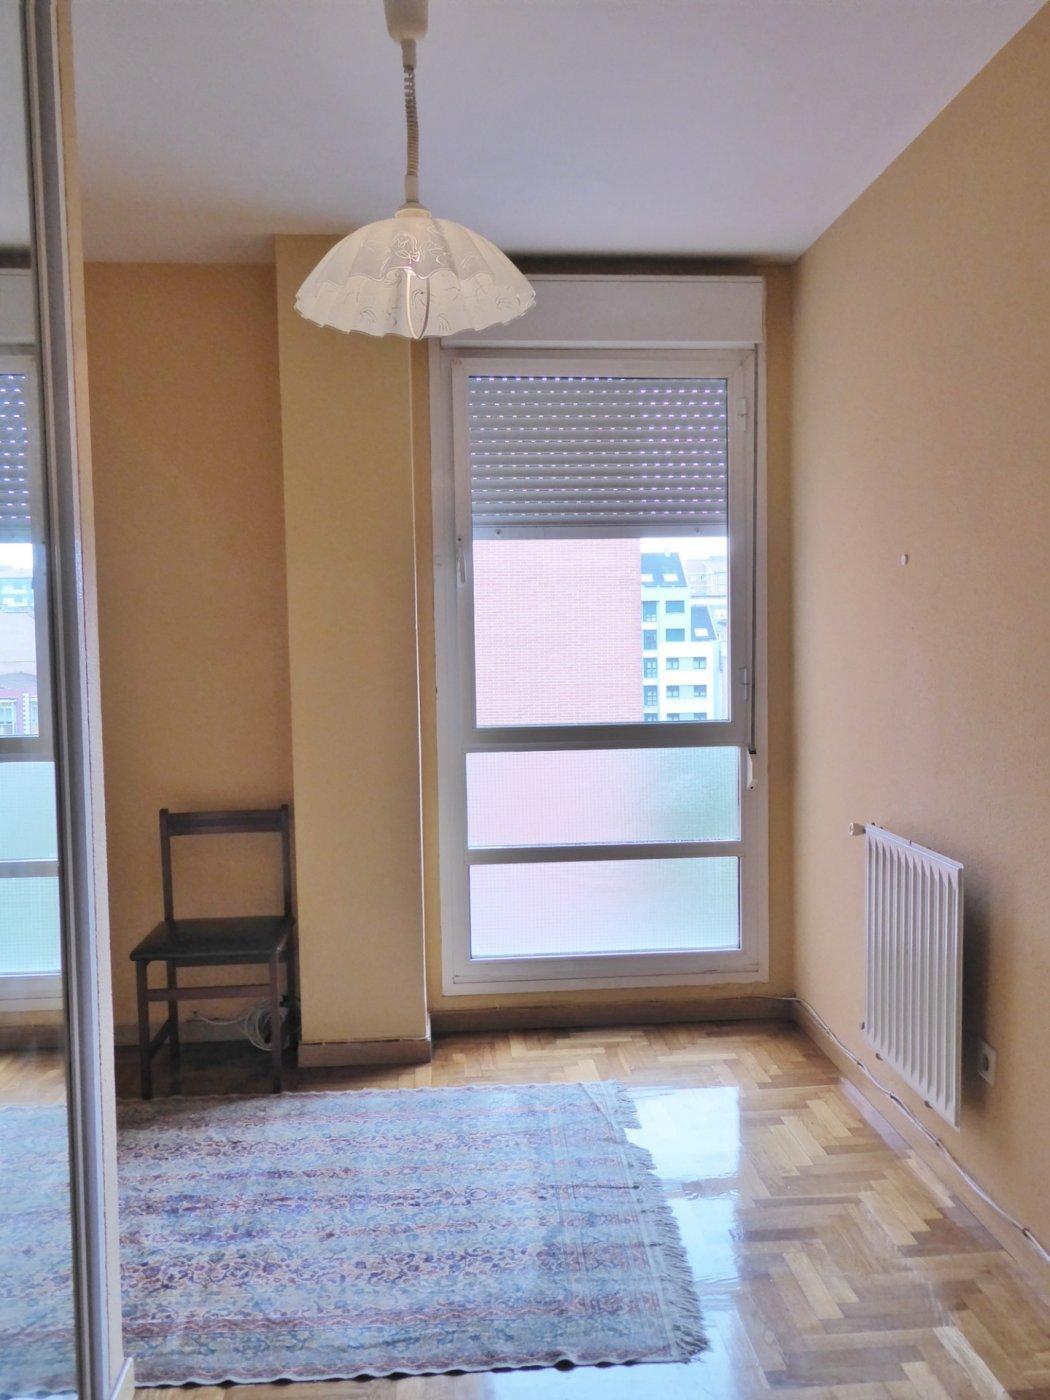 Alquiler de piso en gijon - imagenInmueble14